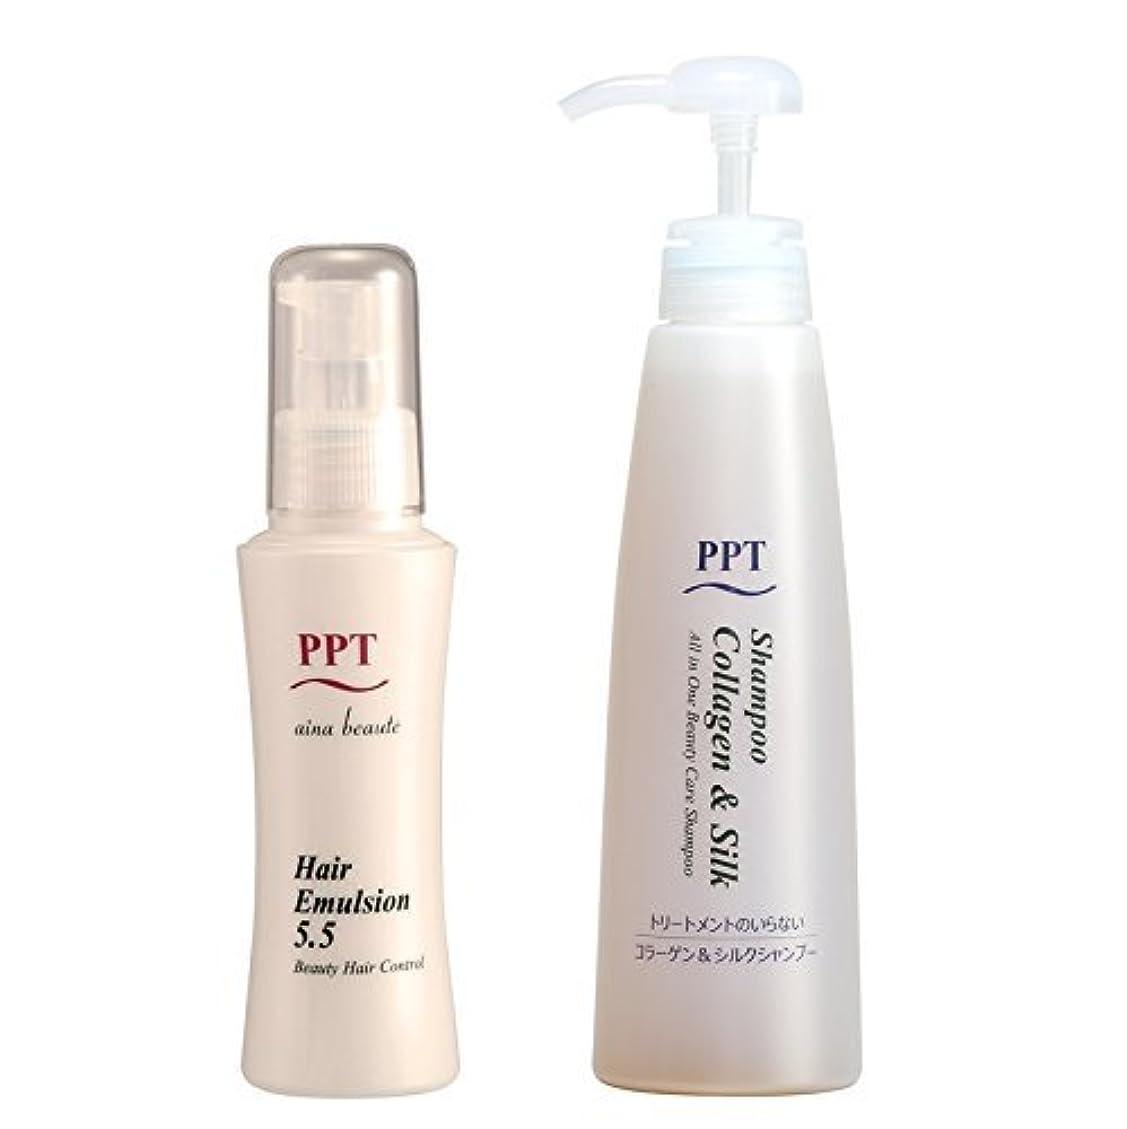 してはいけないタンパク質応用トリートメント不要 PPTコラーゲン&シルクシャンプー脂性肌~普通肌用(ふんわり)、PPTヘアエマルジョン5.5セット